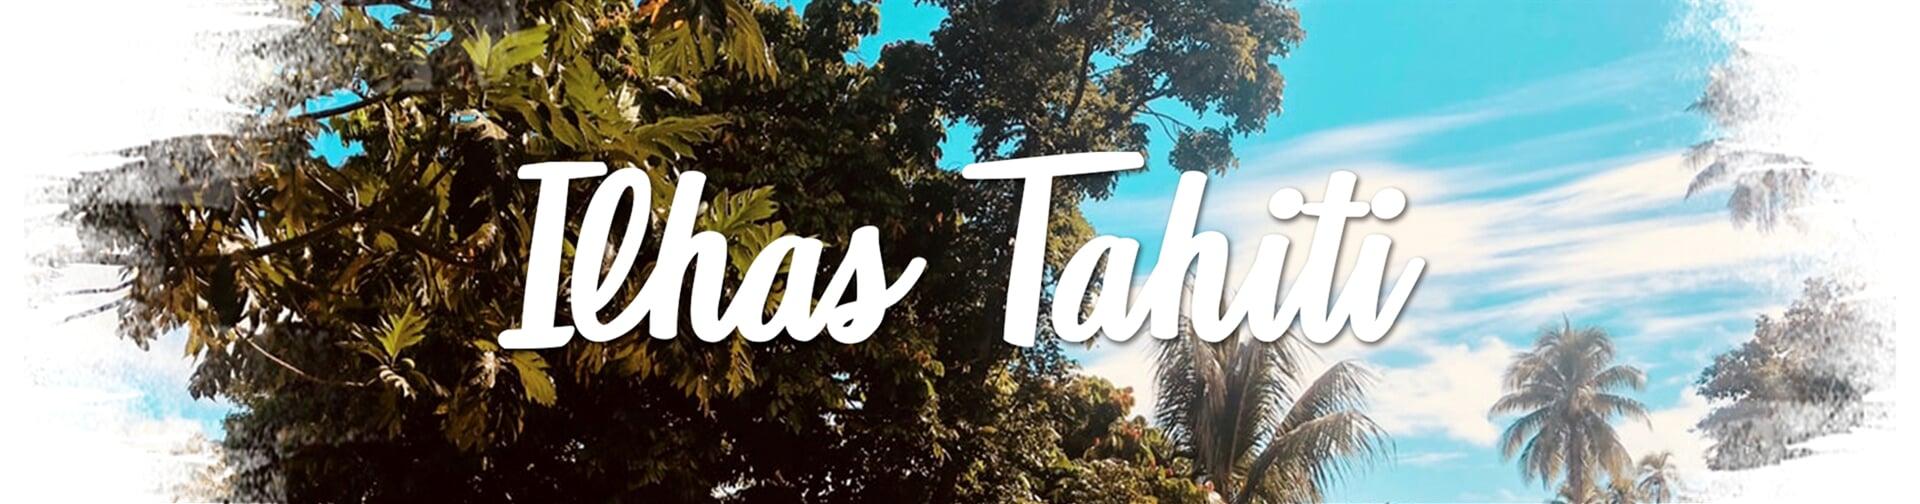 Ilhas Tahiti